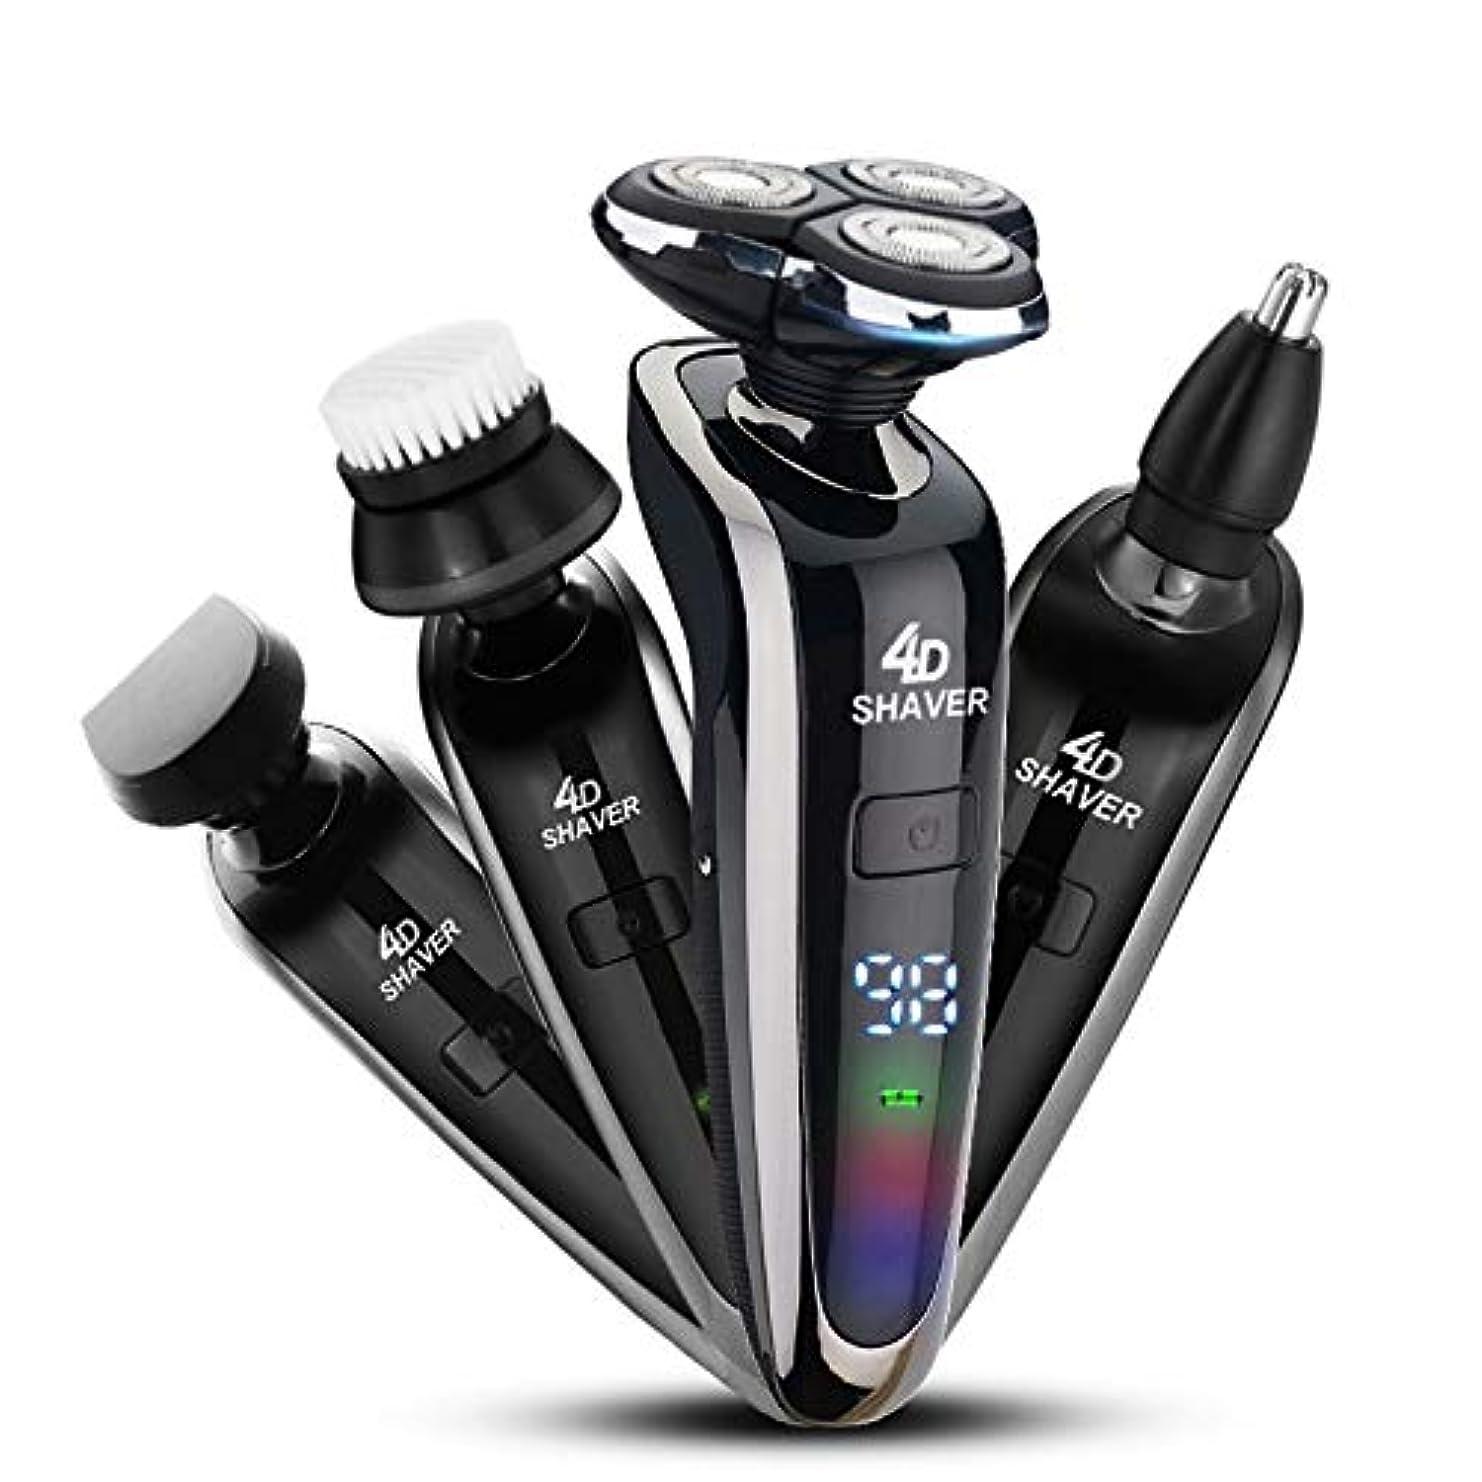 講師土砂降り控えるメンズ電気シェーバー 3枚刃 4 in 1髭剃り USB充電式 LEDディスプレイー お風呂剃り可能 トリマーと鼻毛カッター 洗顔ブラシ付き 防水仕様IPX基準 本体丸洗い可能